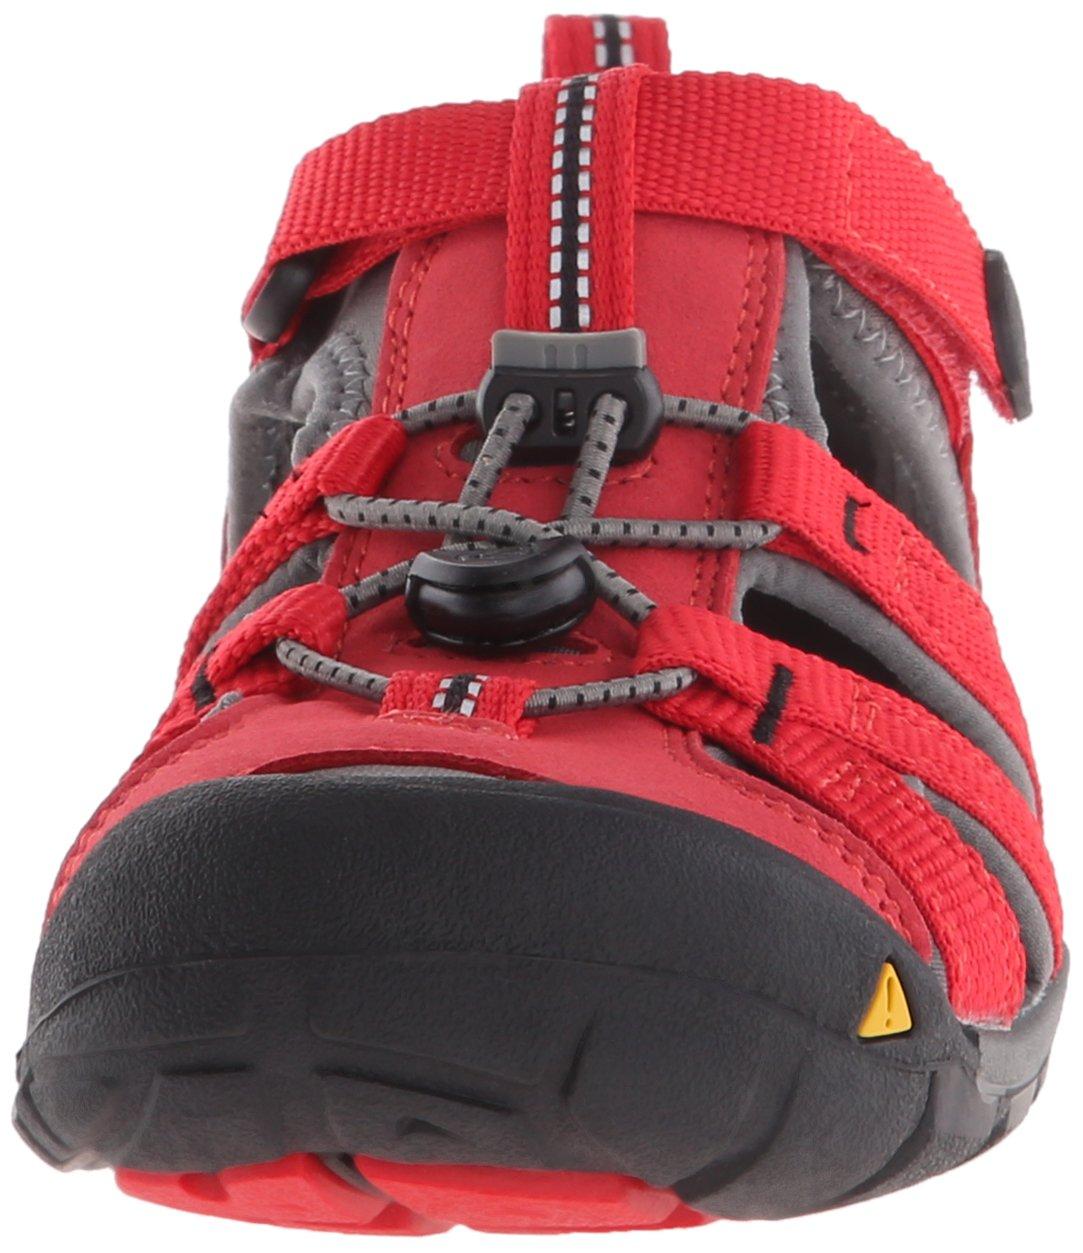 594b7de5ebb KEEN Dětské B00IDCQ67I boty Seacamp Ii CNX Gargoyle Vodní boty Závodní  Závodní červená  Gargoyle 6784576 - norli.site